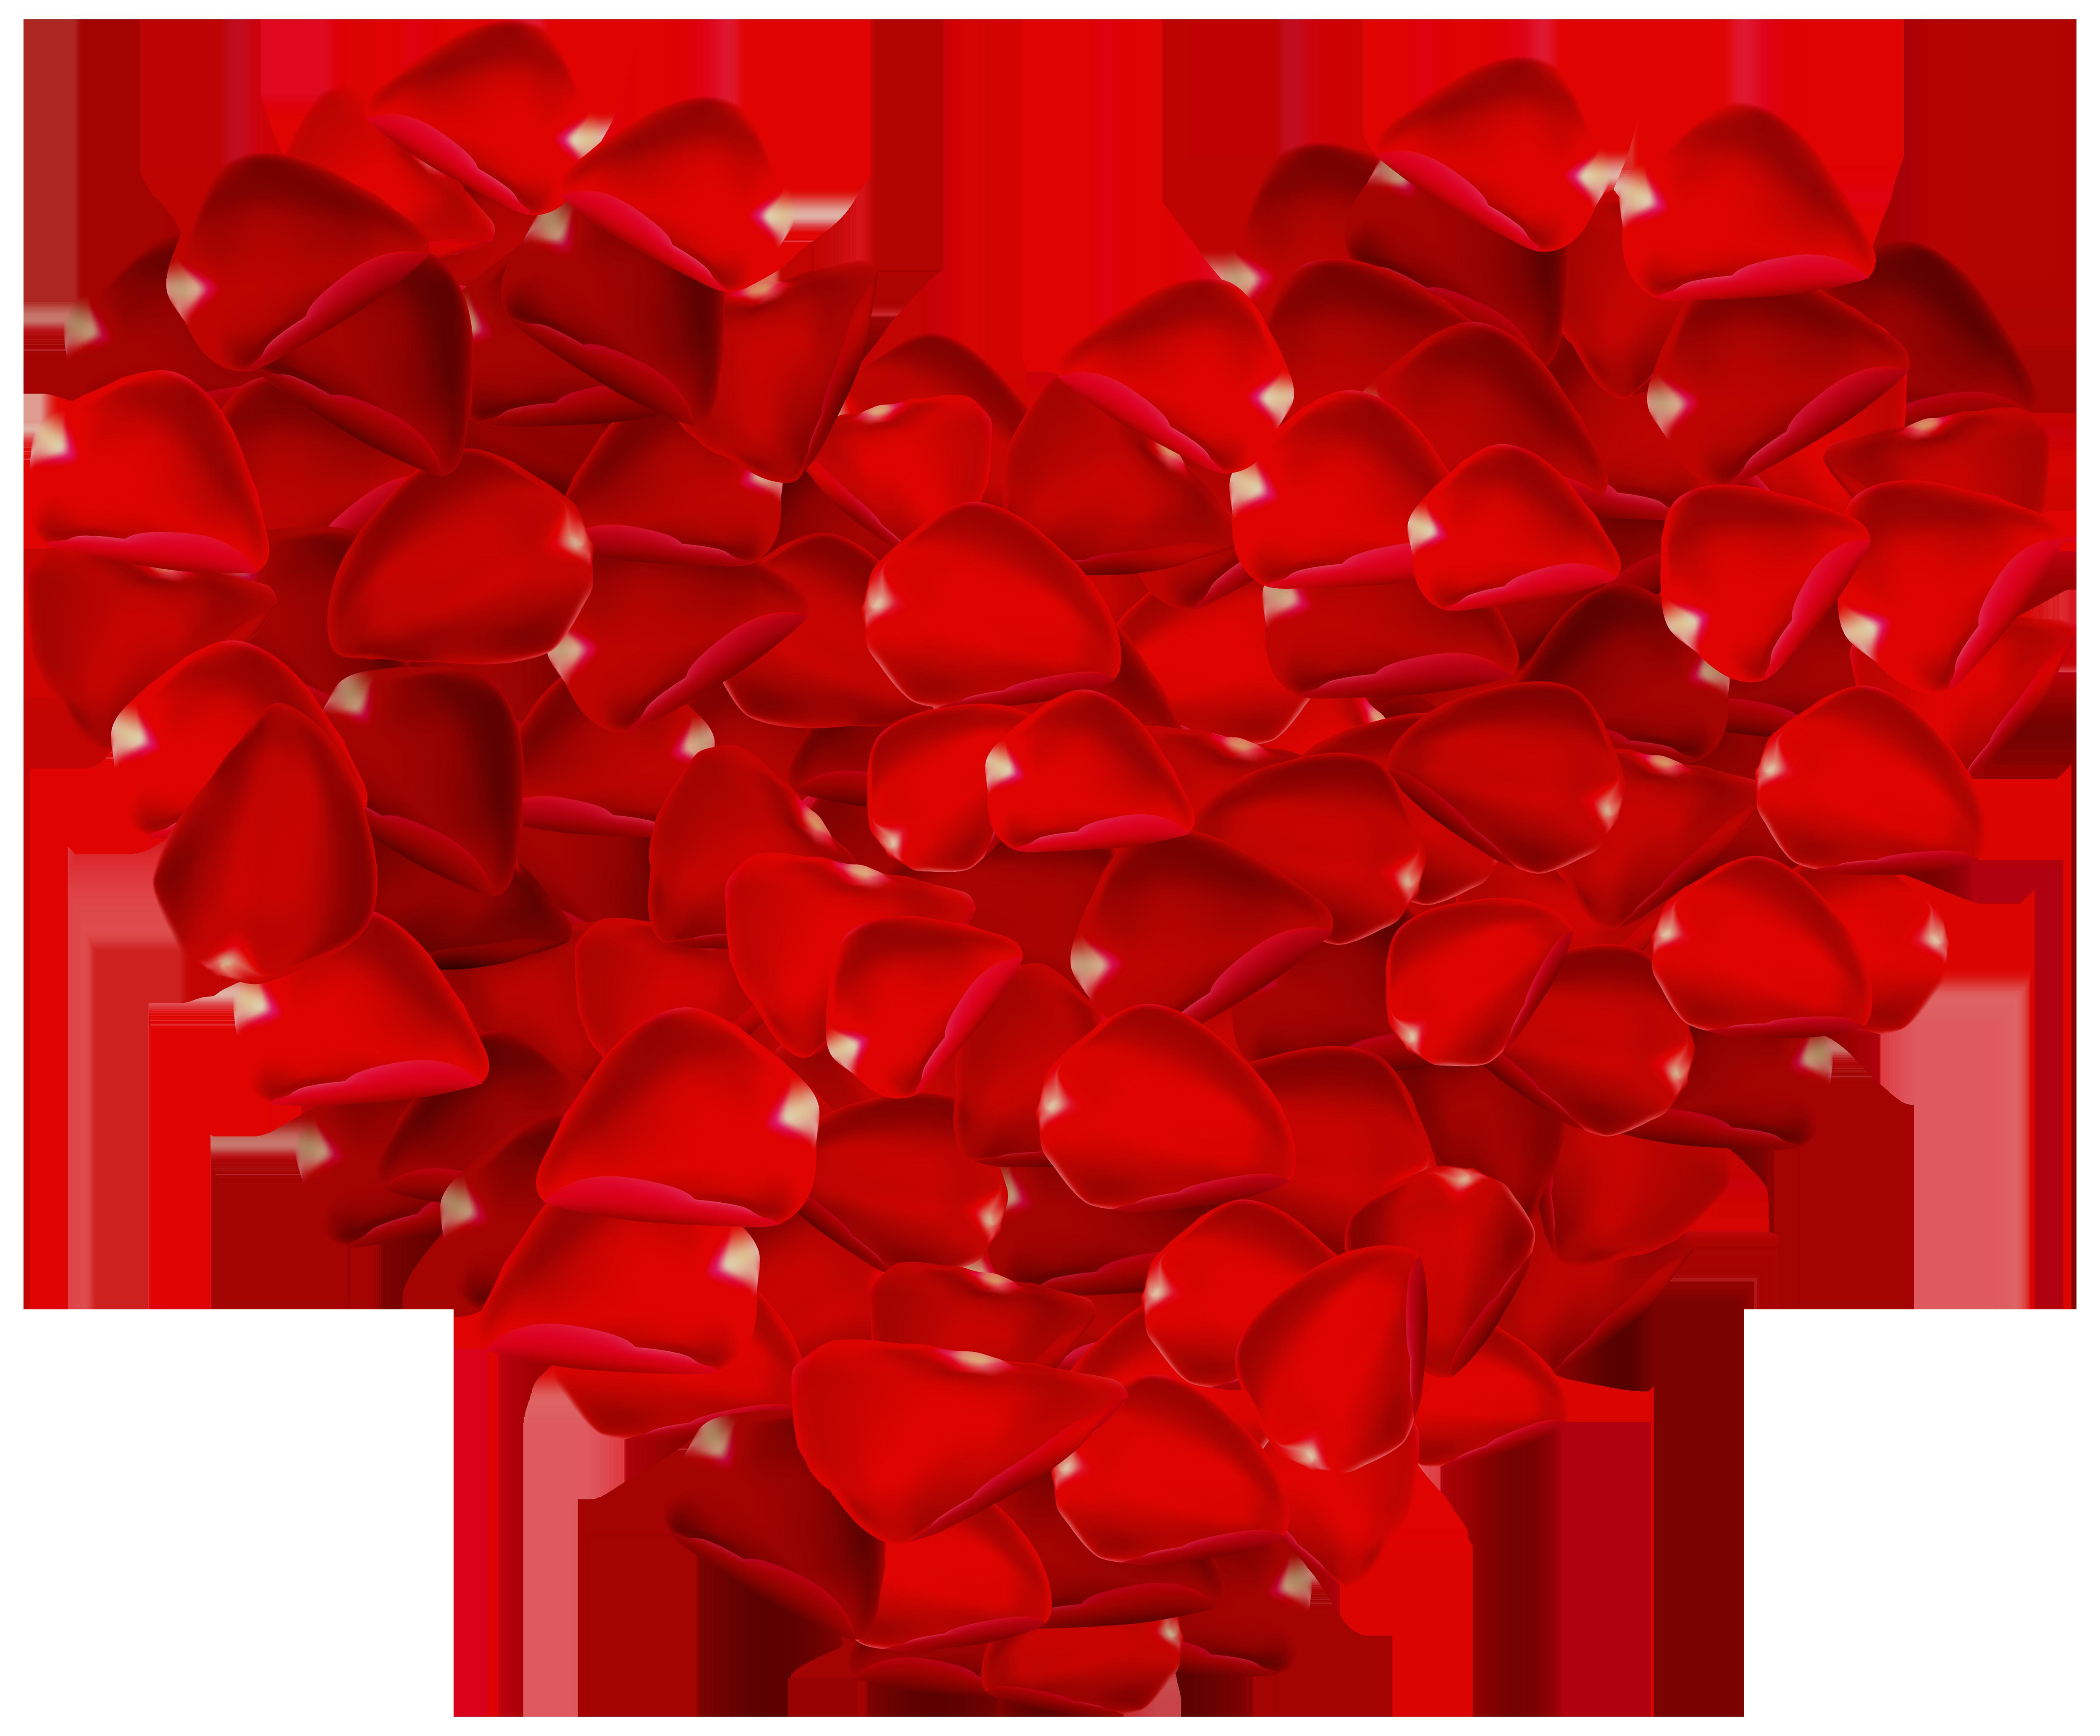 5000x4134 Rose Petals Heart PNG Clipart Image